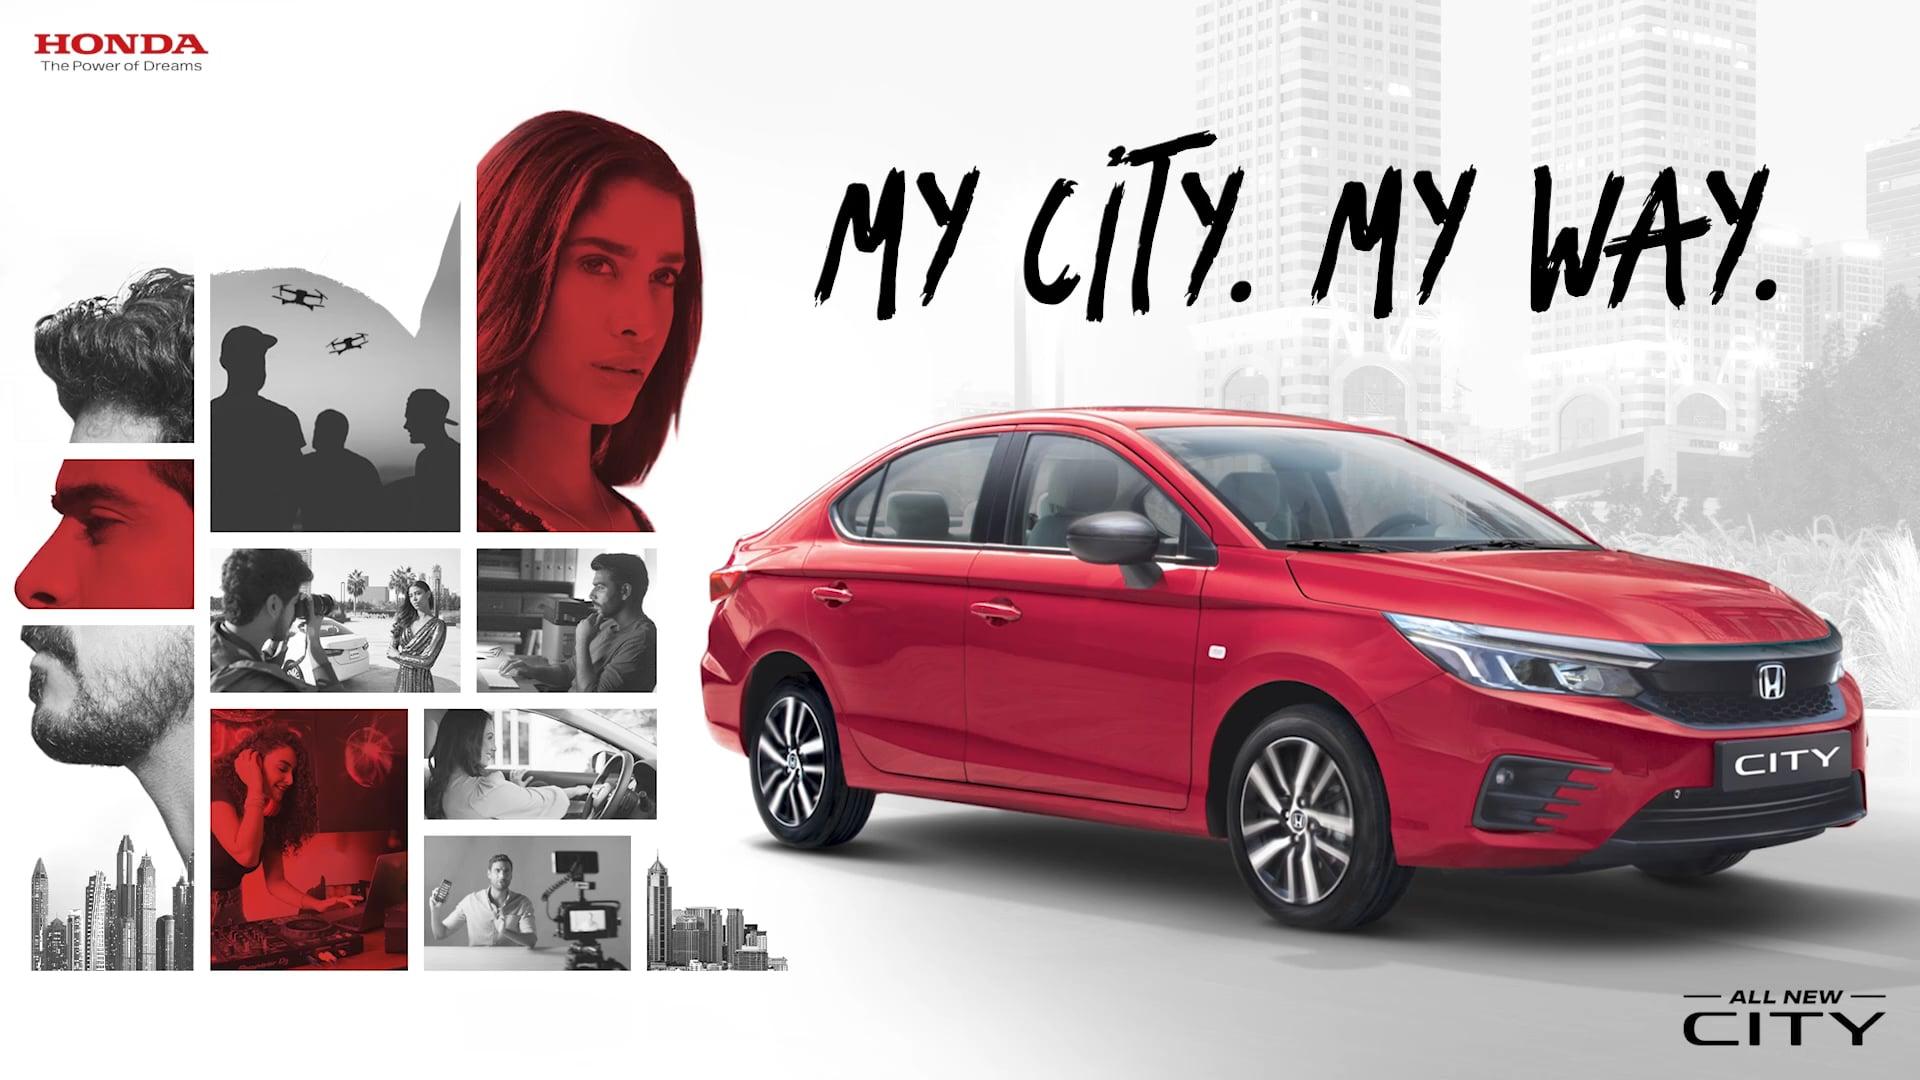 Honda - My City My Way